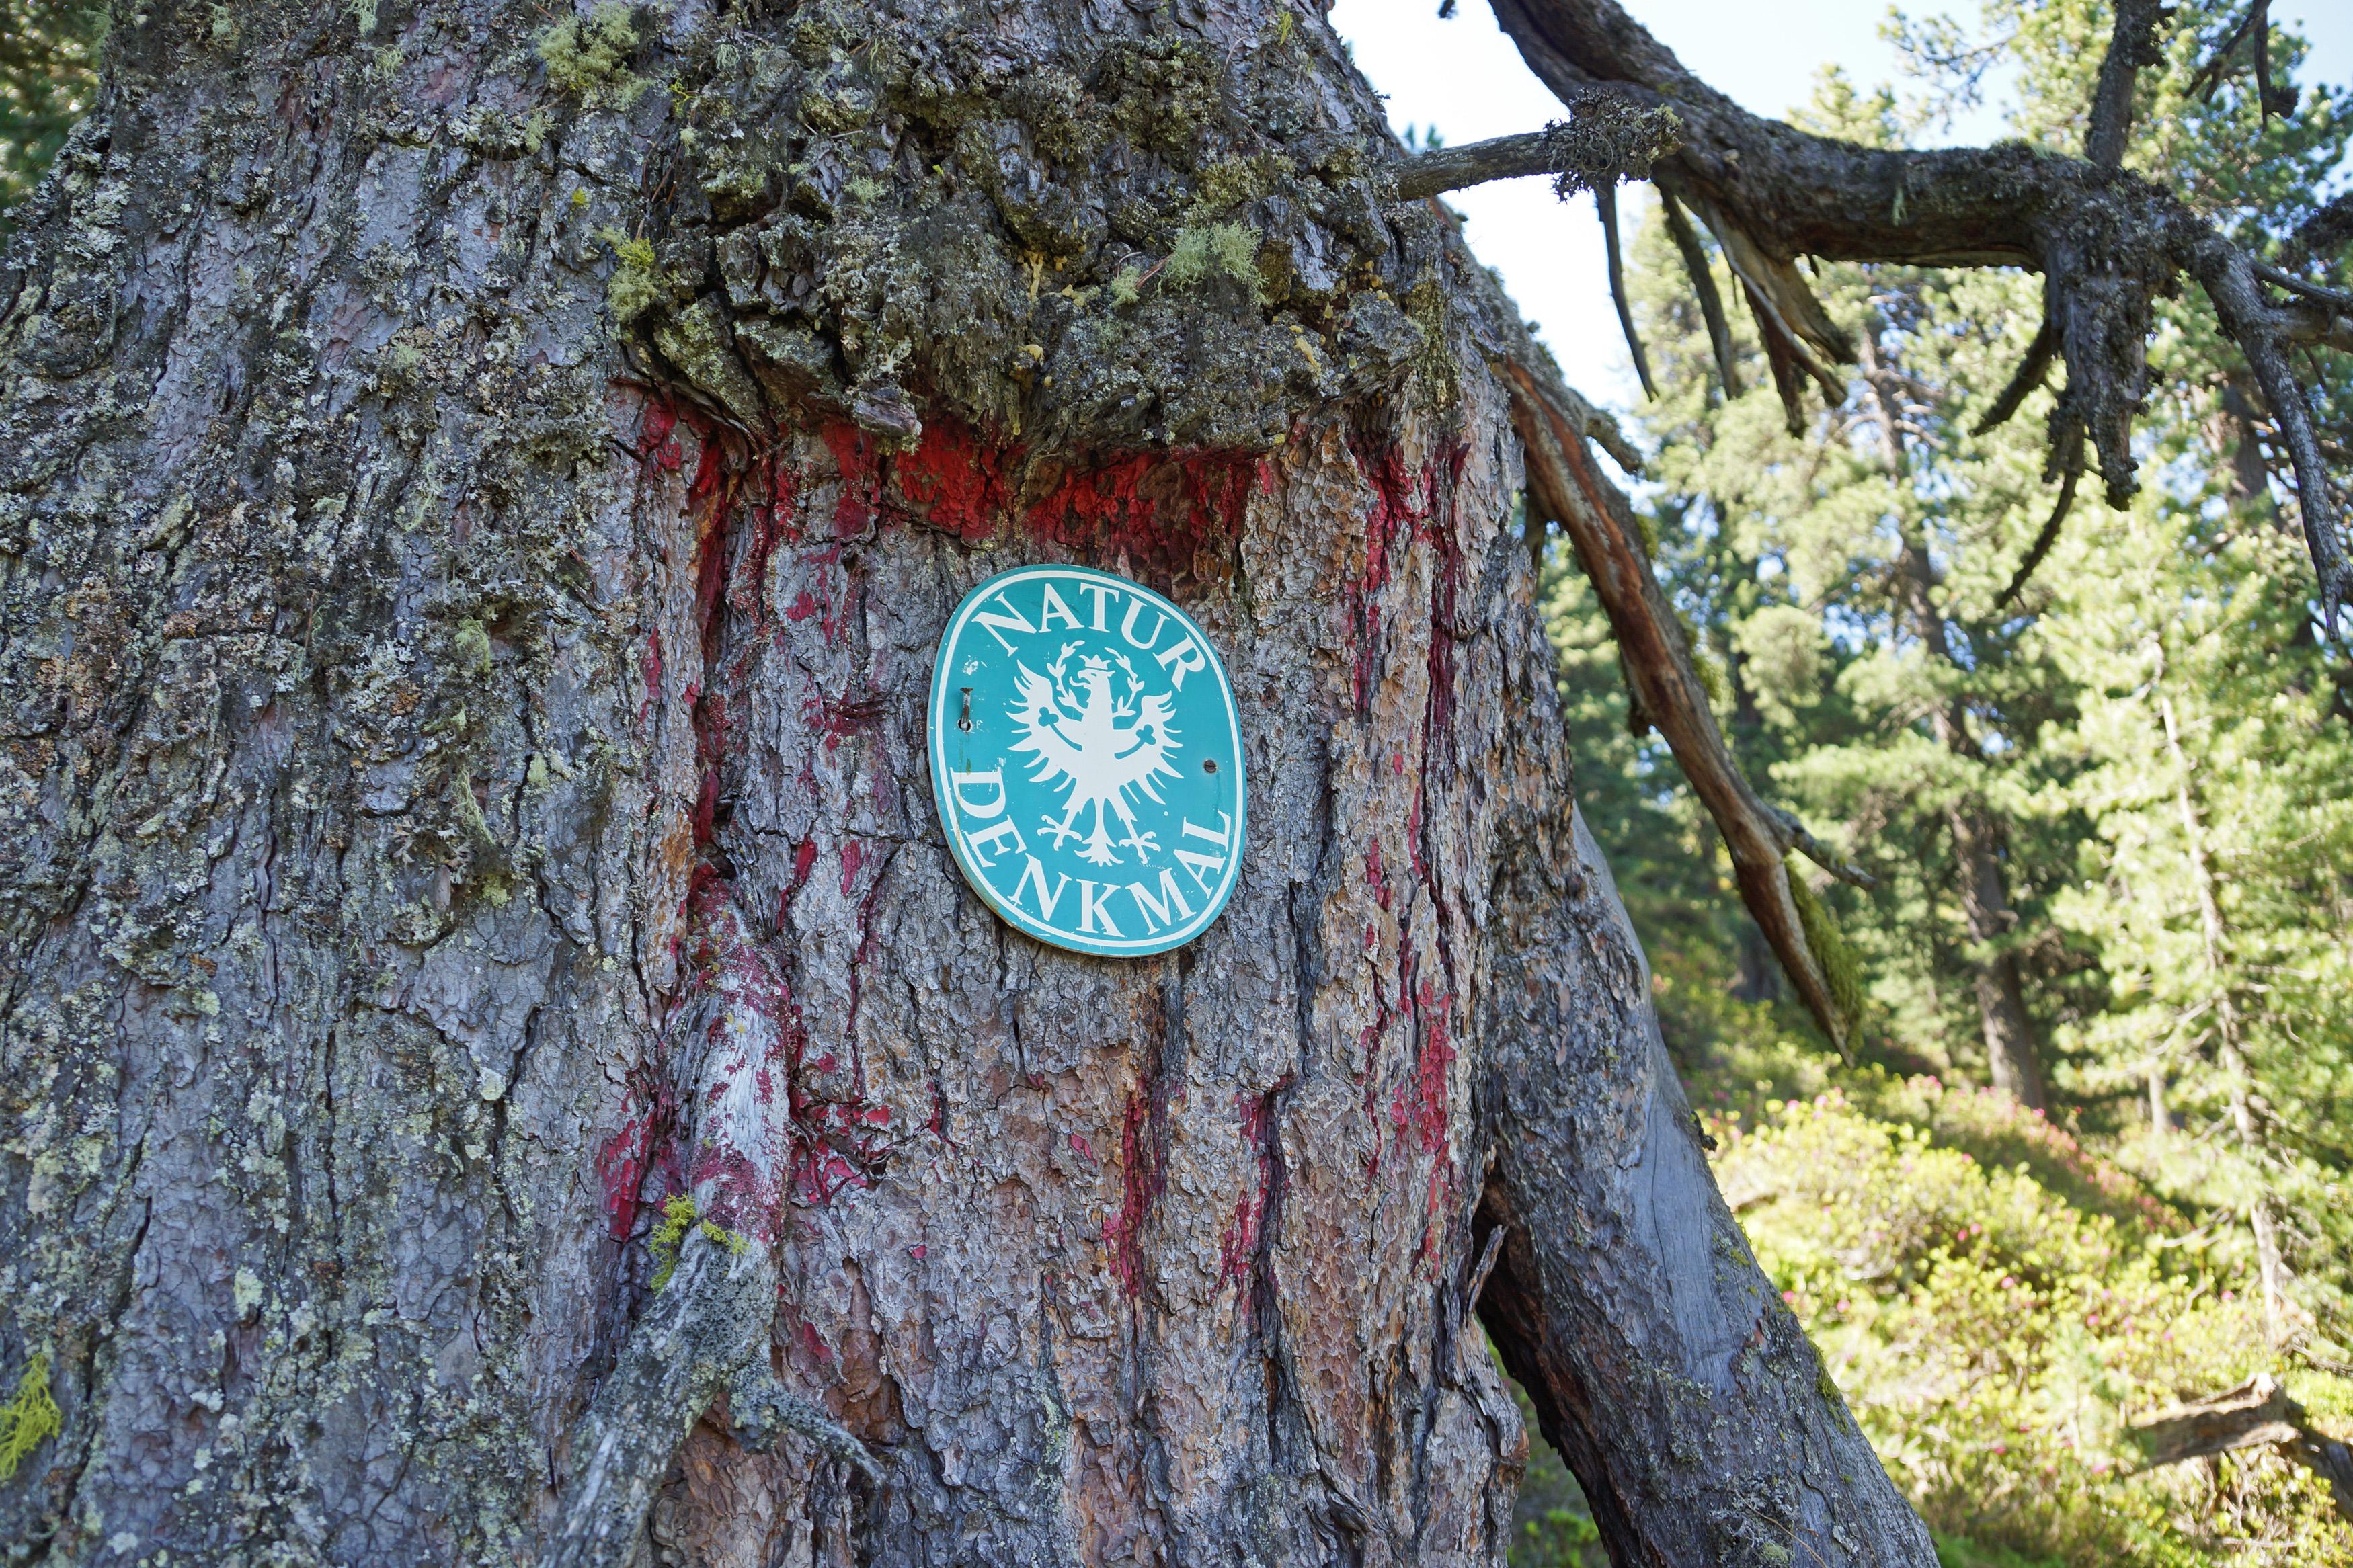 Der Baum ist seit den 1920er Jahren als Natudenkmal ausgezeichnet.